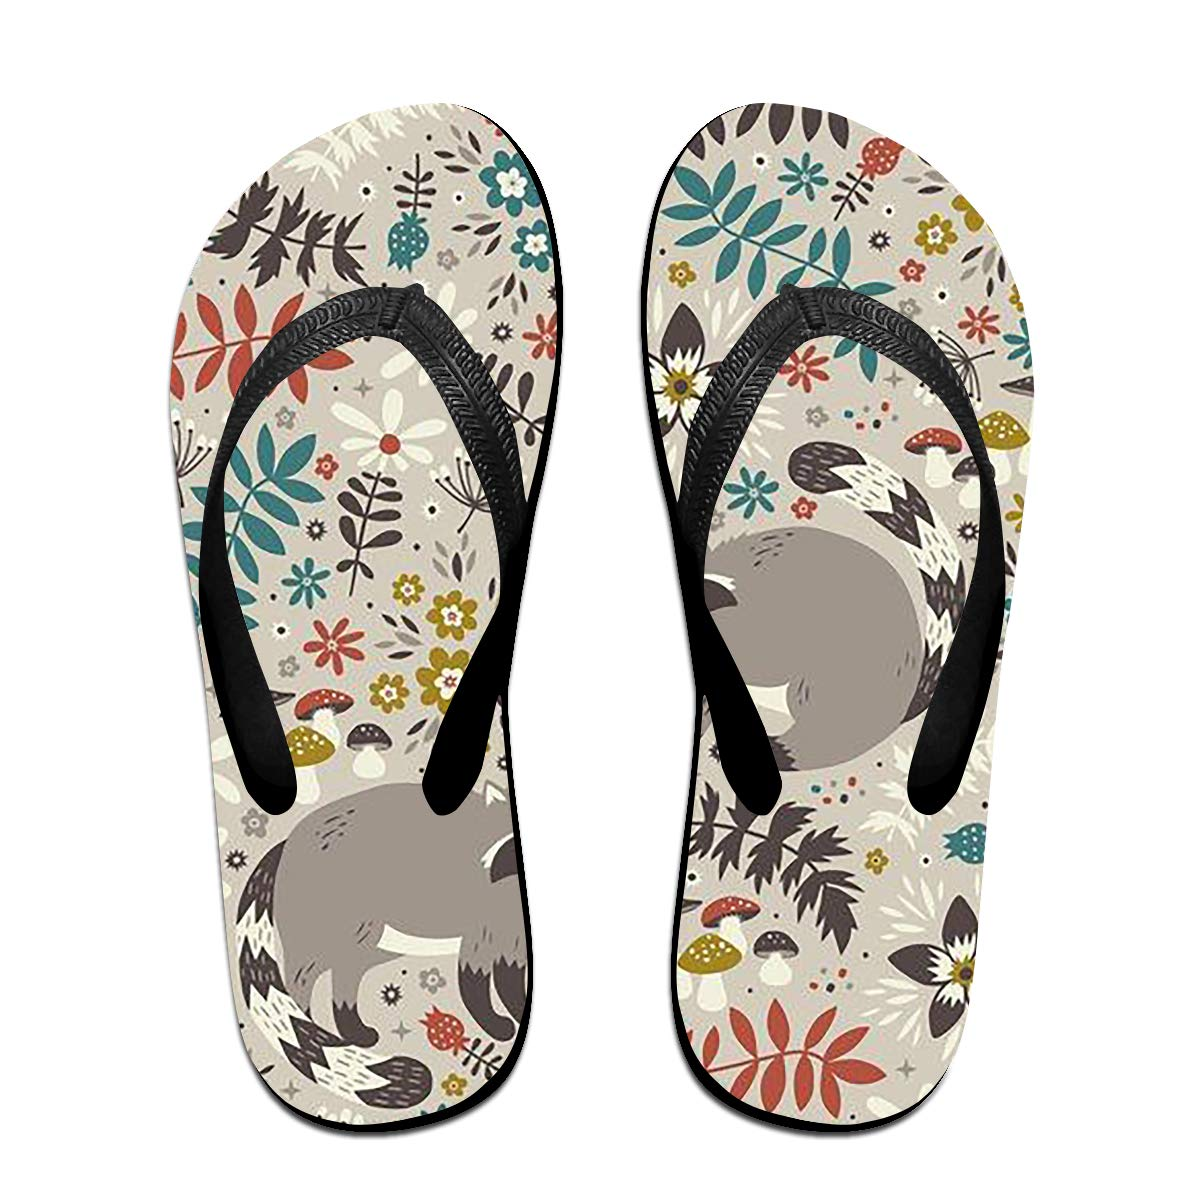 33084677/_796 Mens and Womens Light Weight Shock Proof Summer Beach Slippers Flip Flops Sandals